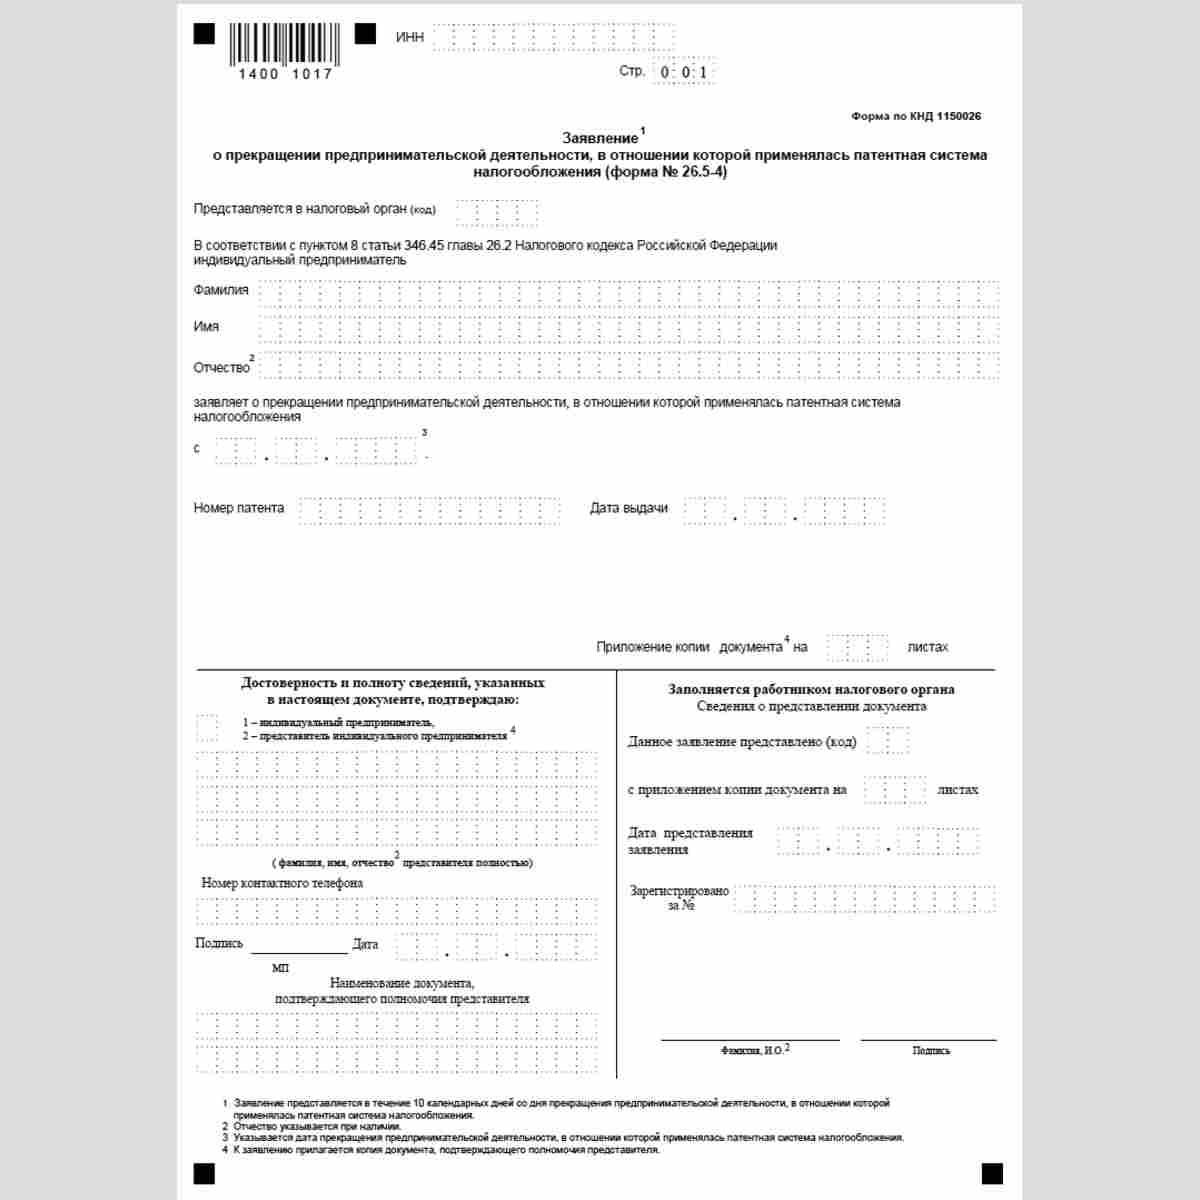 """Форма КНД 1150026 """"Заявление о прекращении предпринимательской деятельности, в отношении которой применялась патентная система налогообложения"""" (Форма 26.5-4)"""